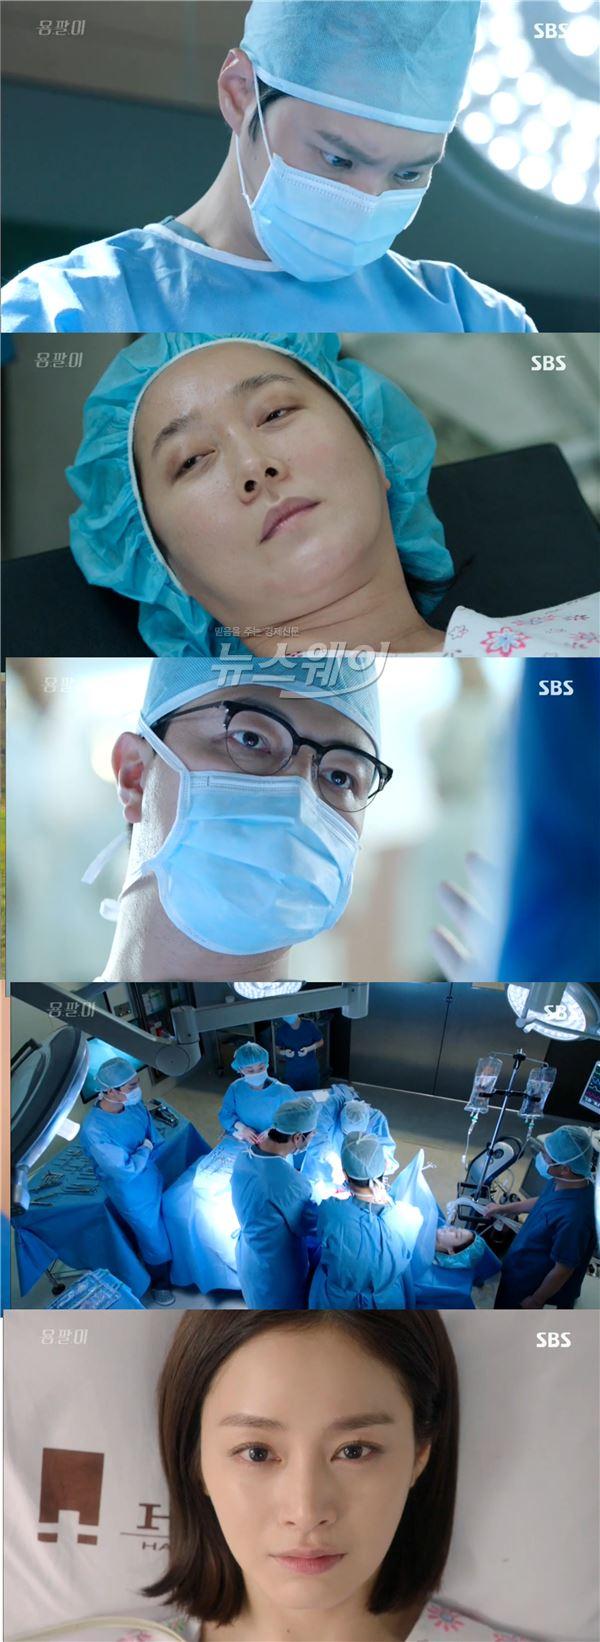 종영 '용팔이' 남긴것 ③, 주원 흥행킹 우뚝… 시청률+연기력 독보적